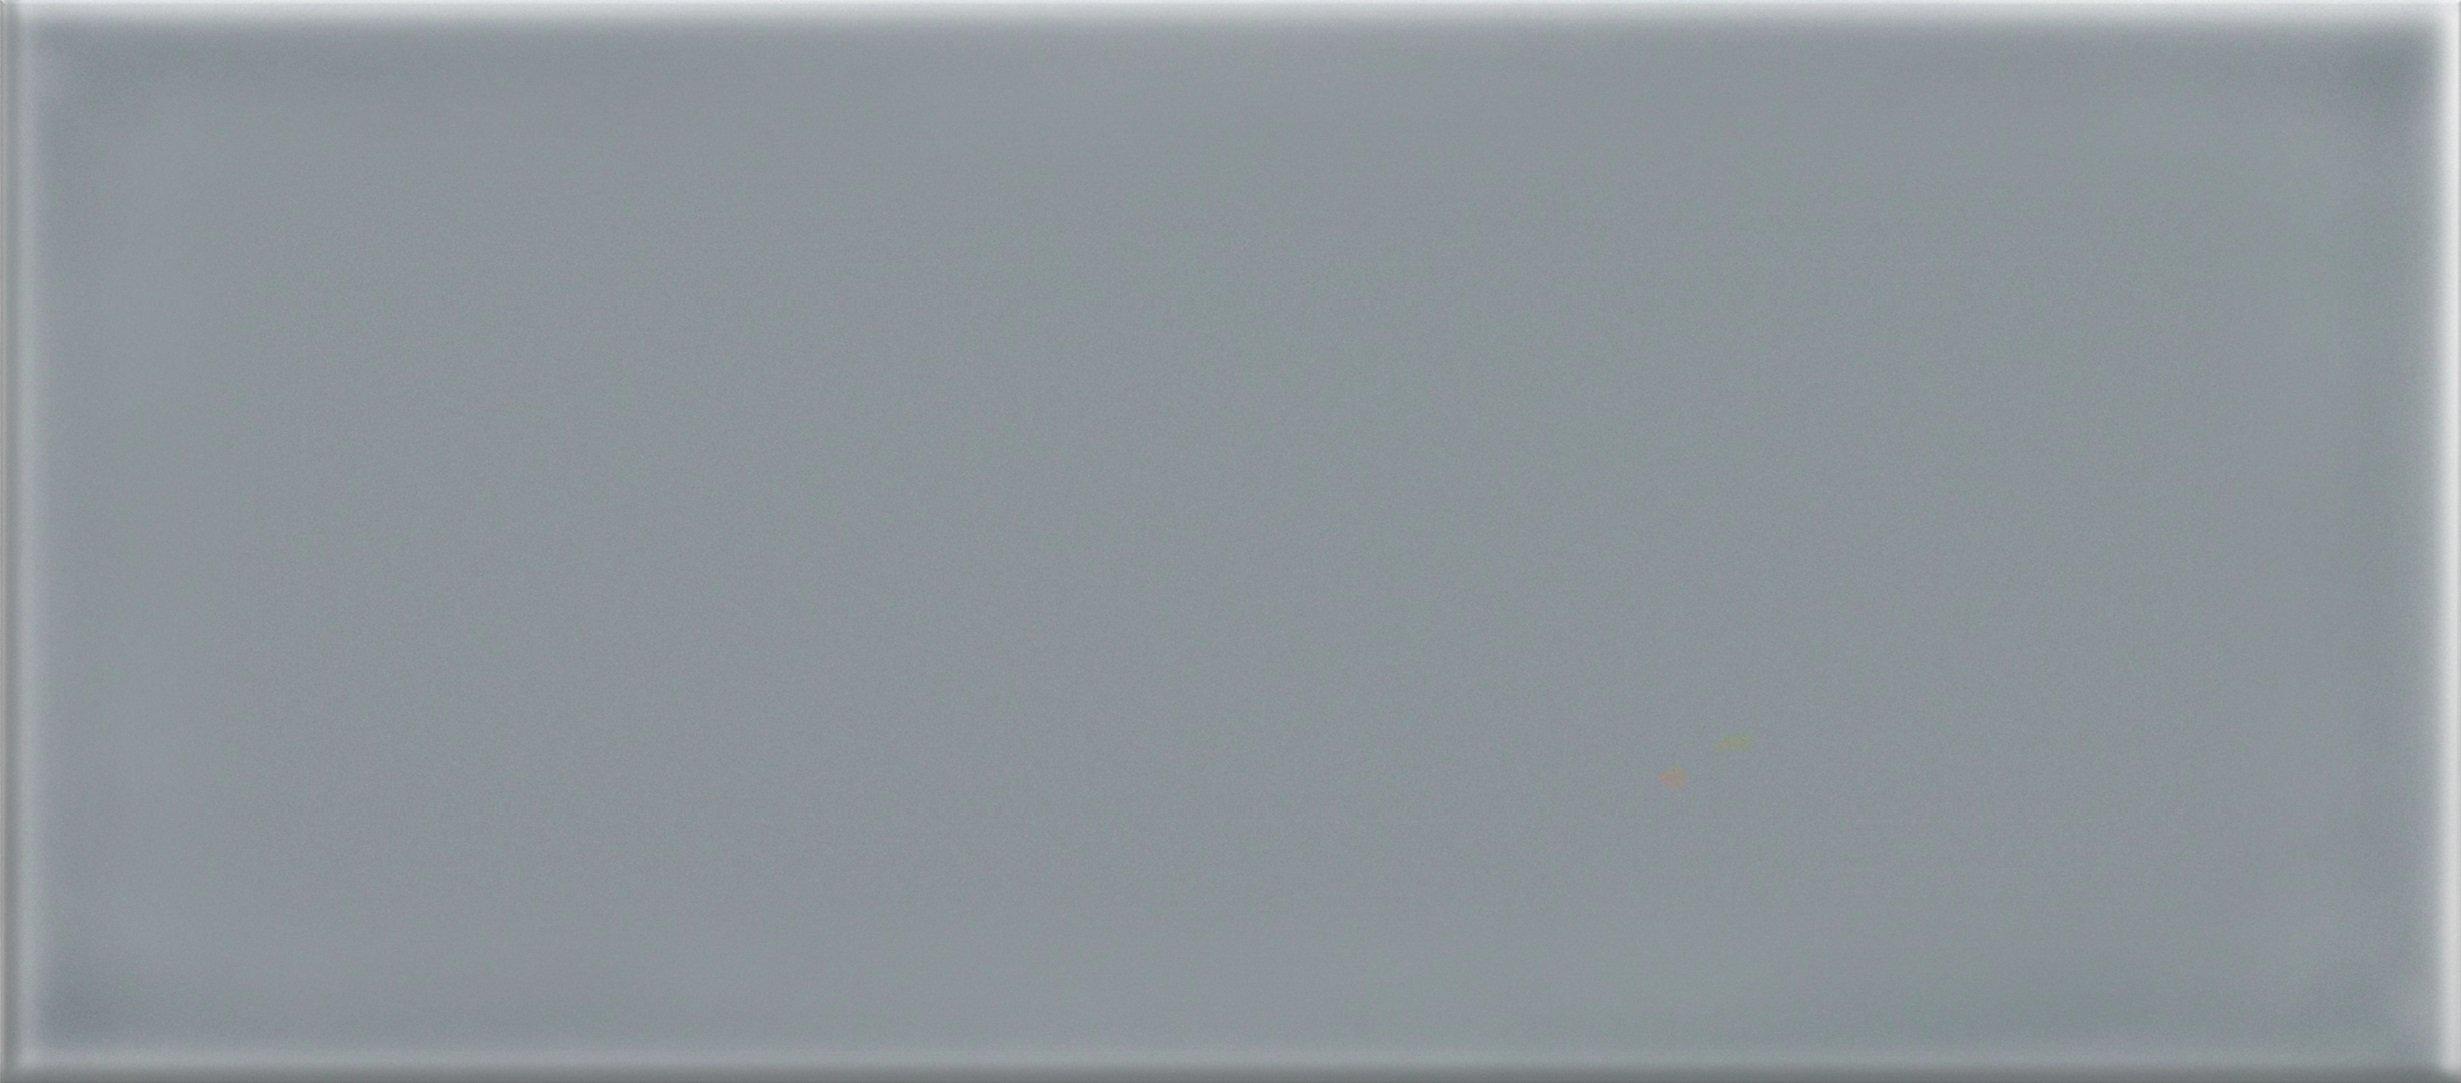 Joy Dark Gray - obklad 11x25 šedá